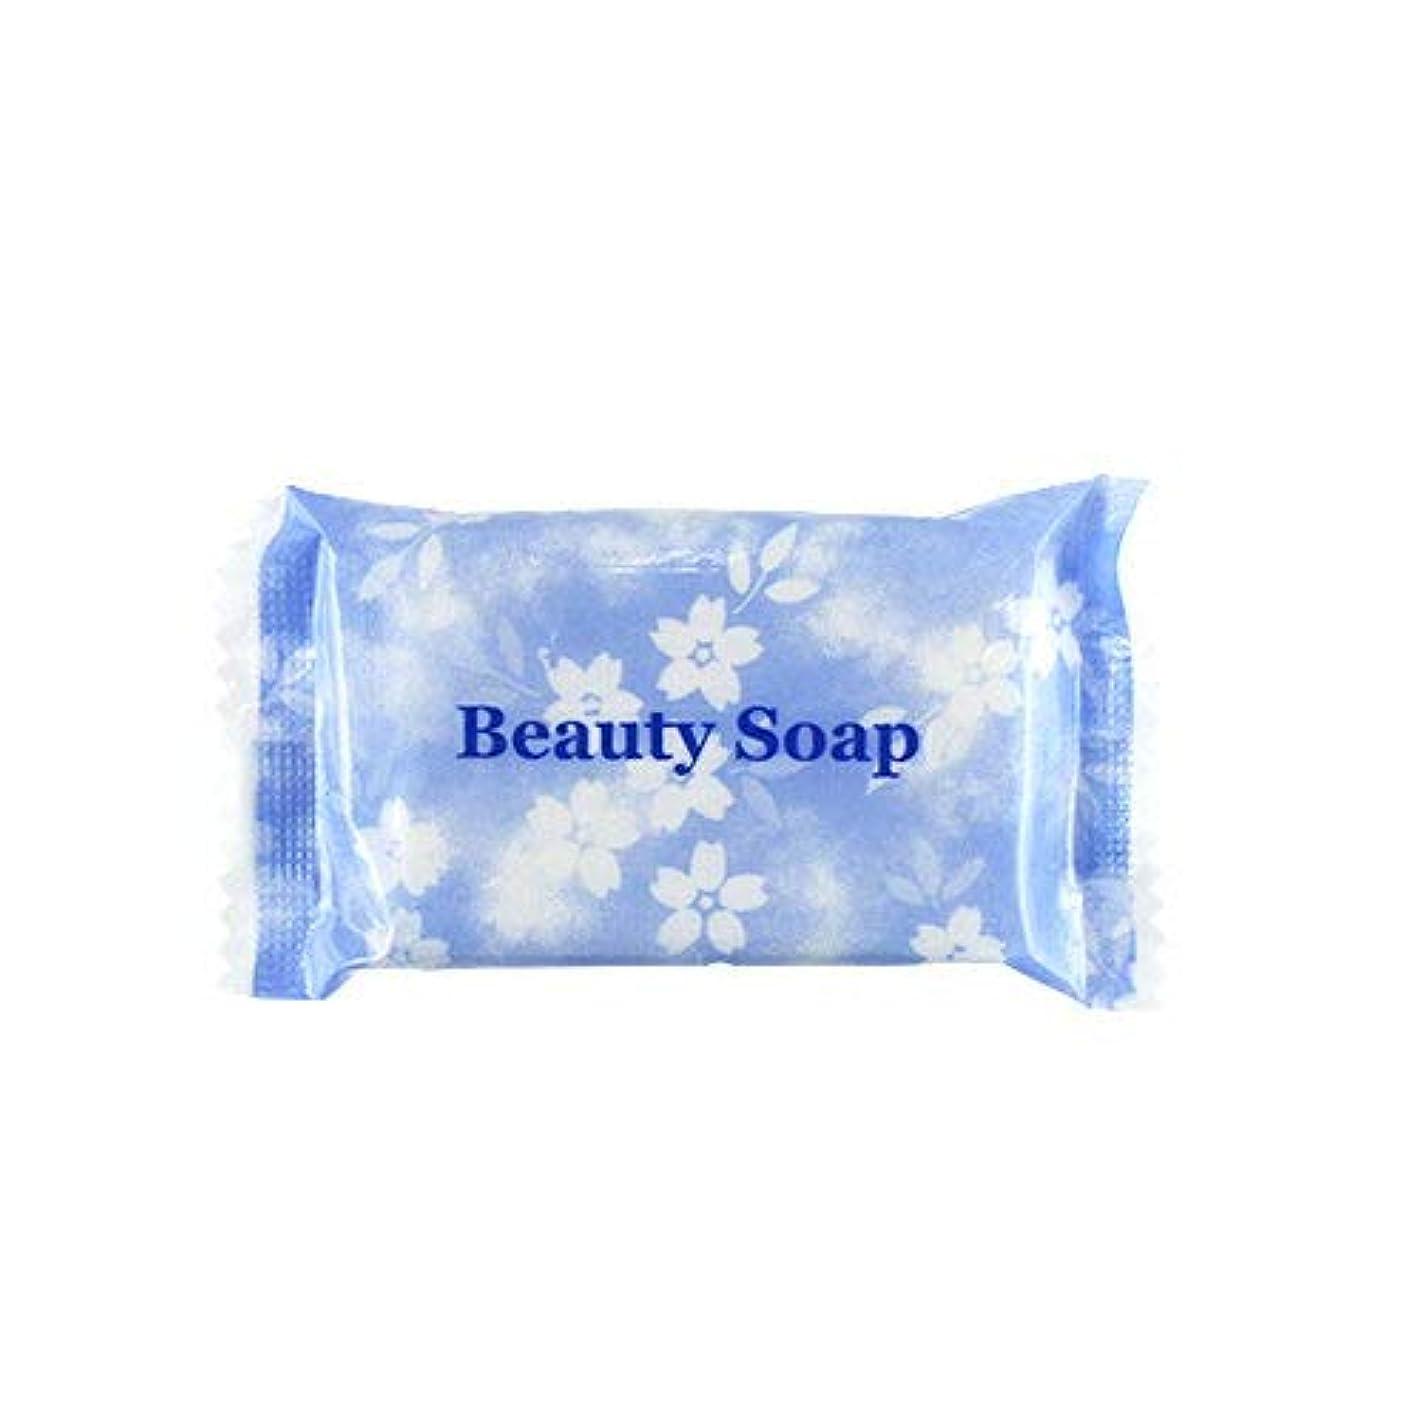 世界の窓神学校セージ業務用 クロバーコーポレーション ビューティーソープ(Beauty Soap) 15g×40個セット | ホテルアメニティ 個包装